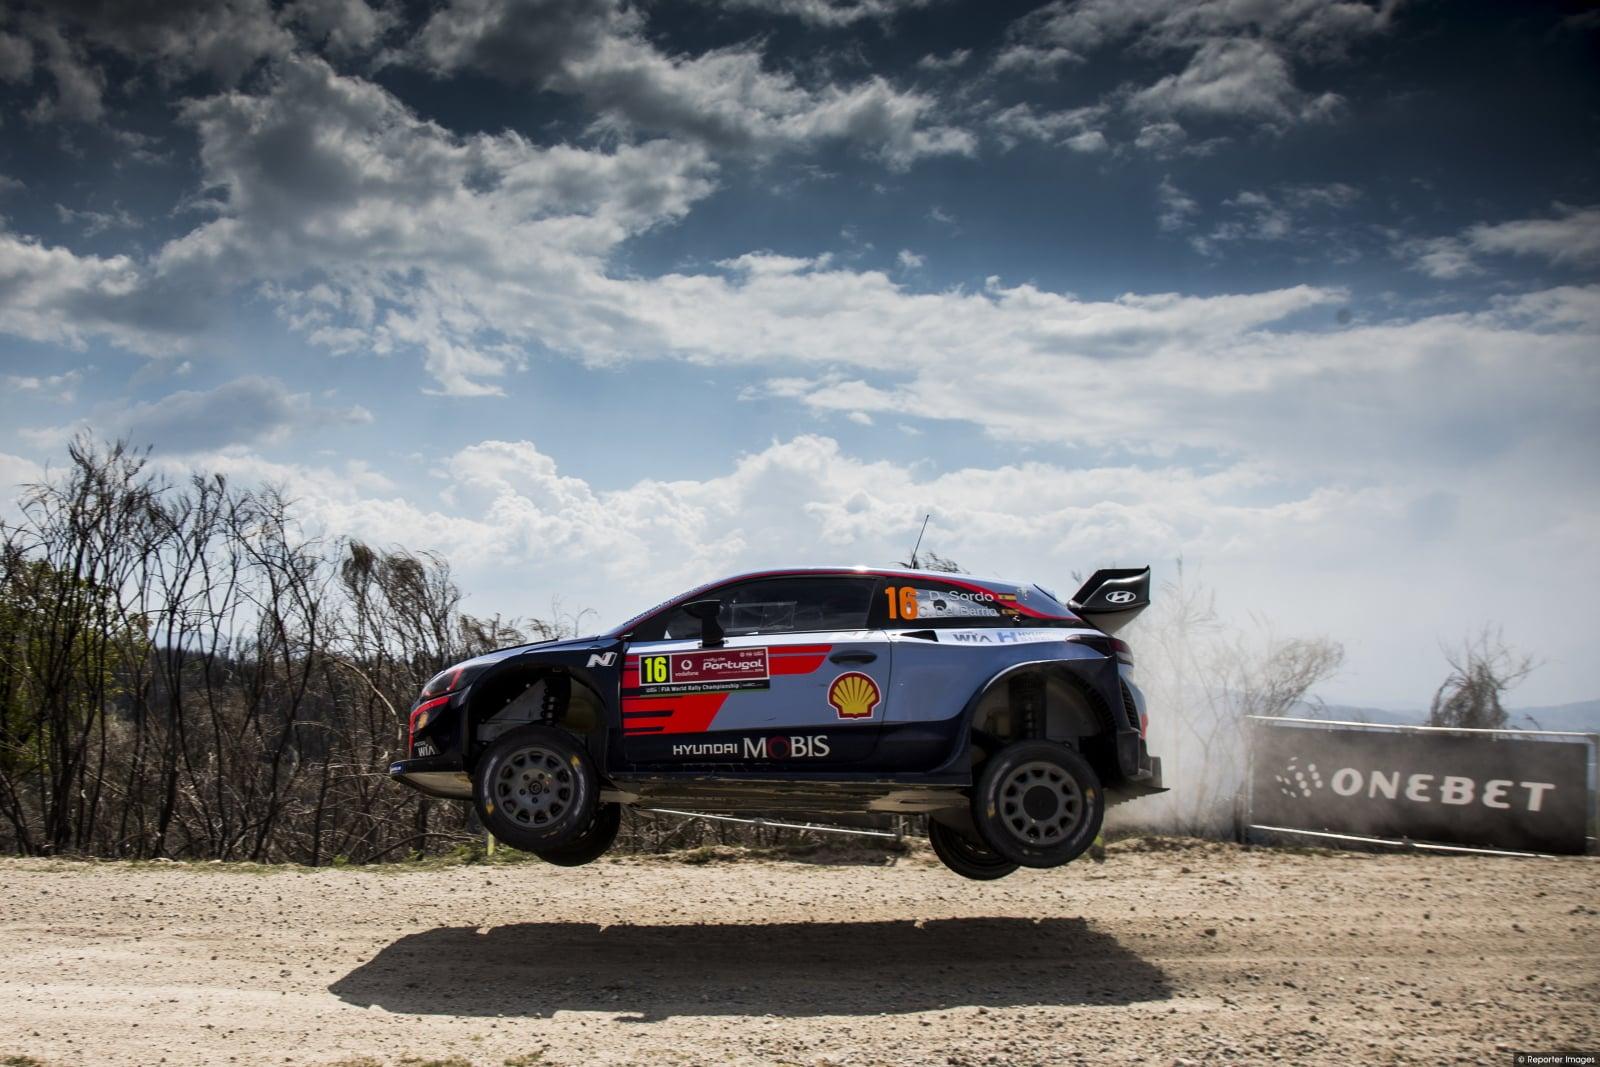 Wyścig WRC w Portugalii fot. EPA/ANNA KALAGANI